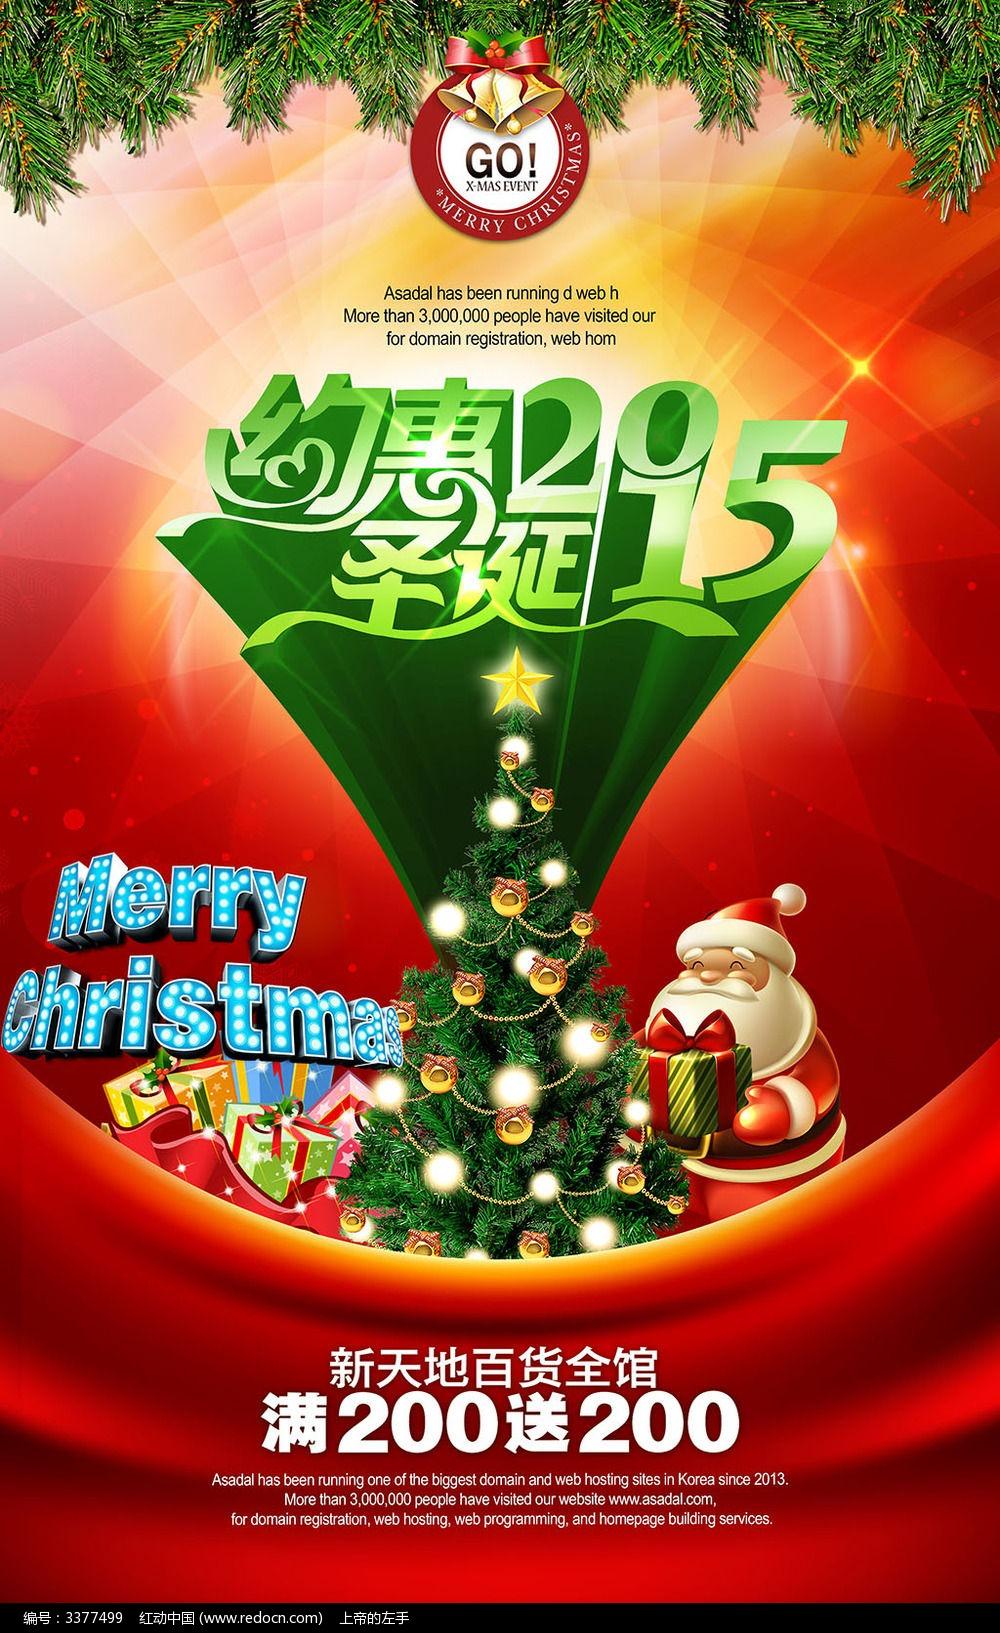 2015圣诞节商场促销活动海报设计图片